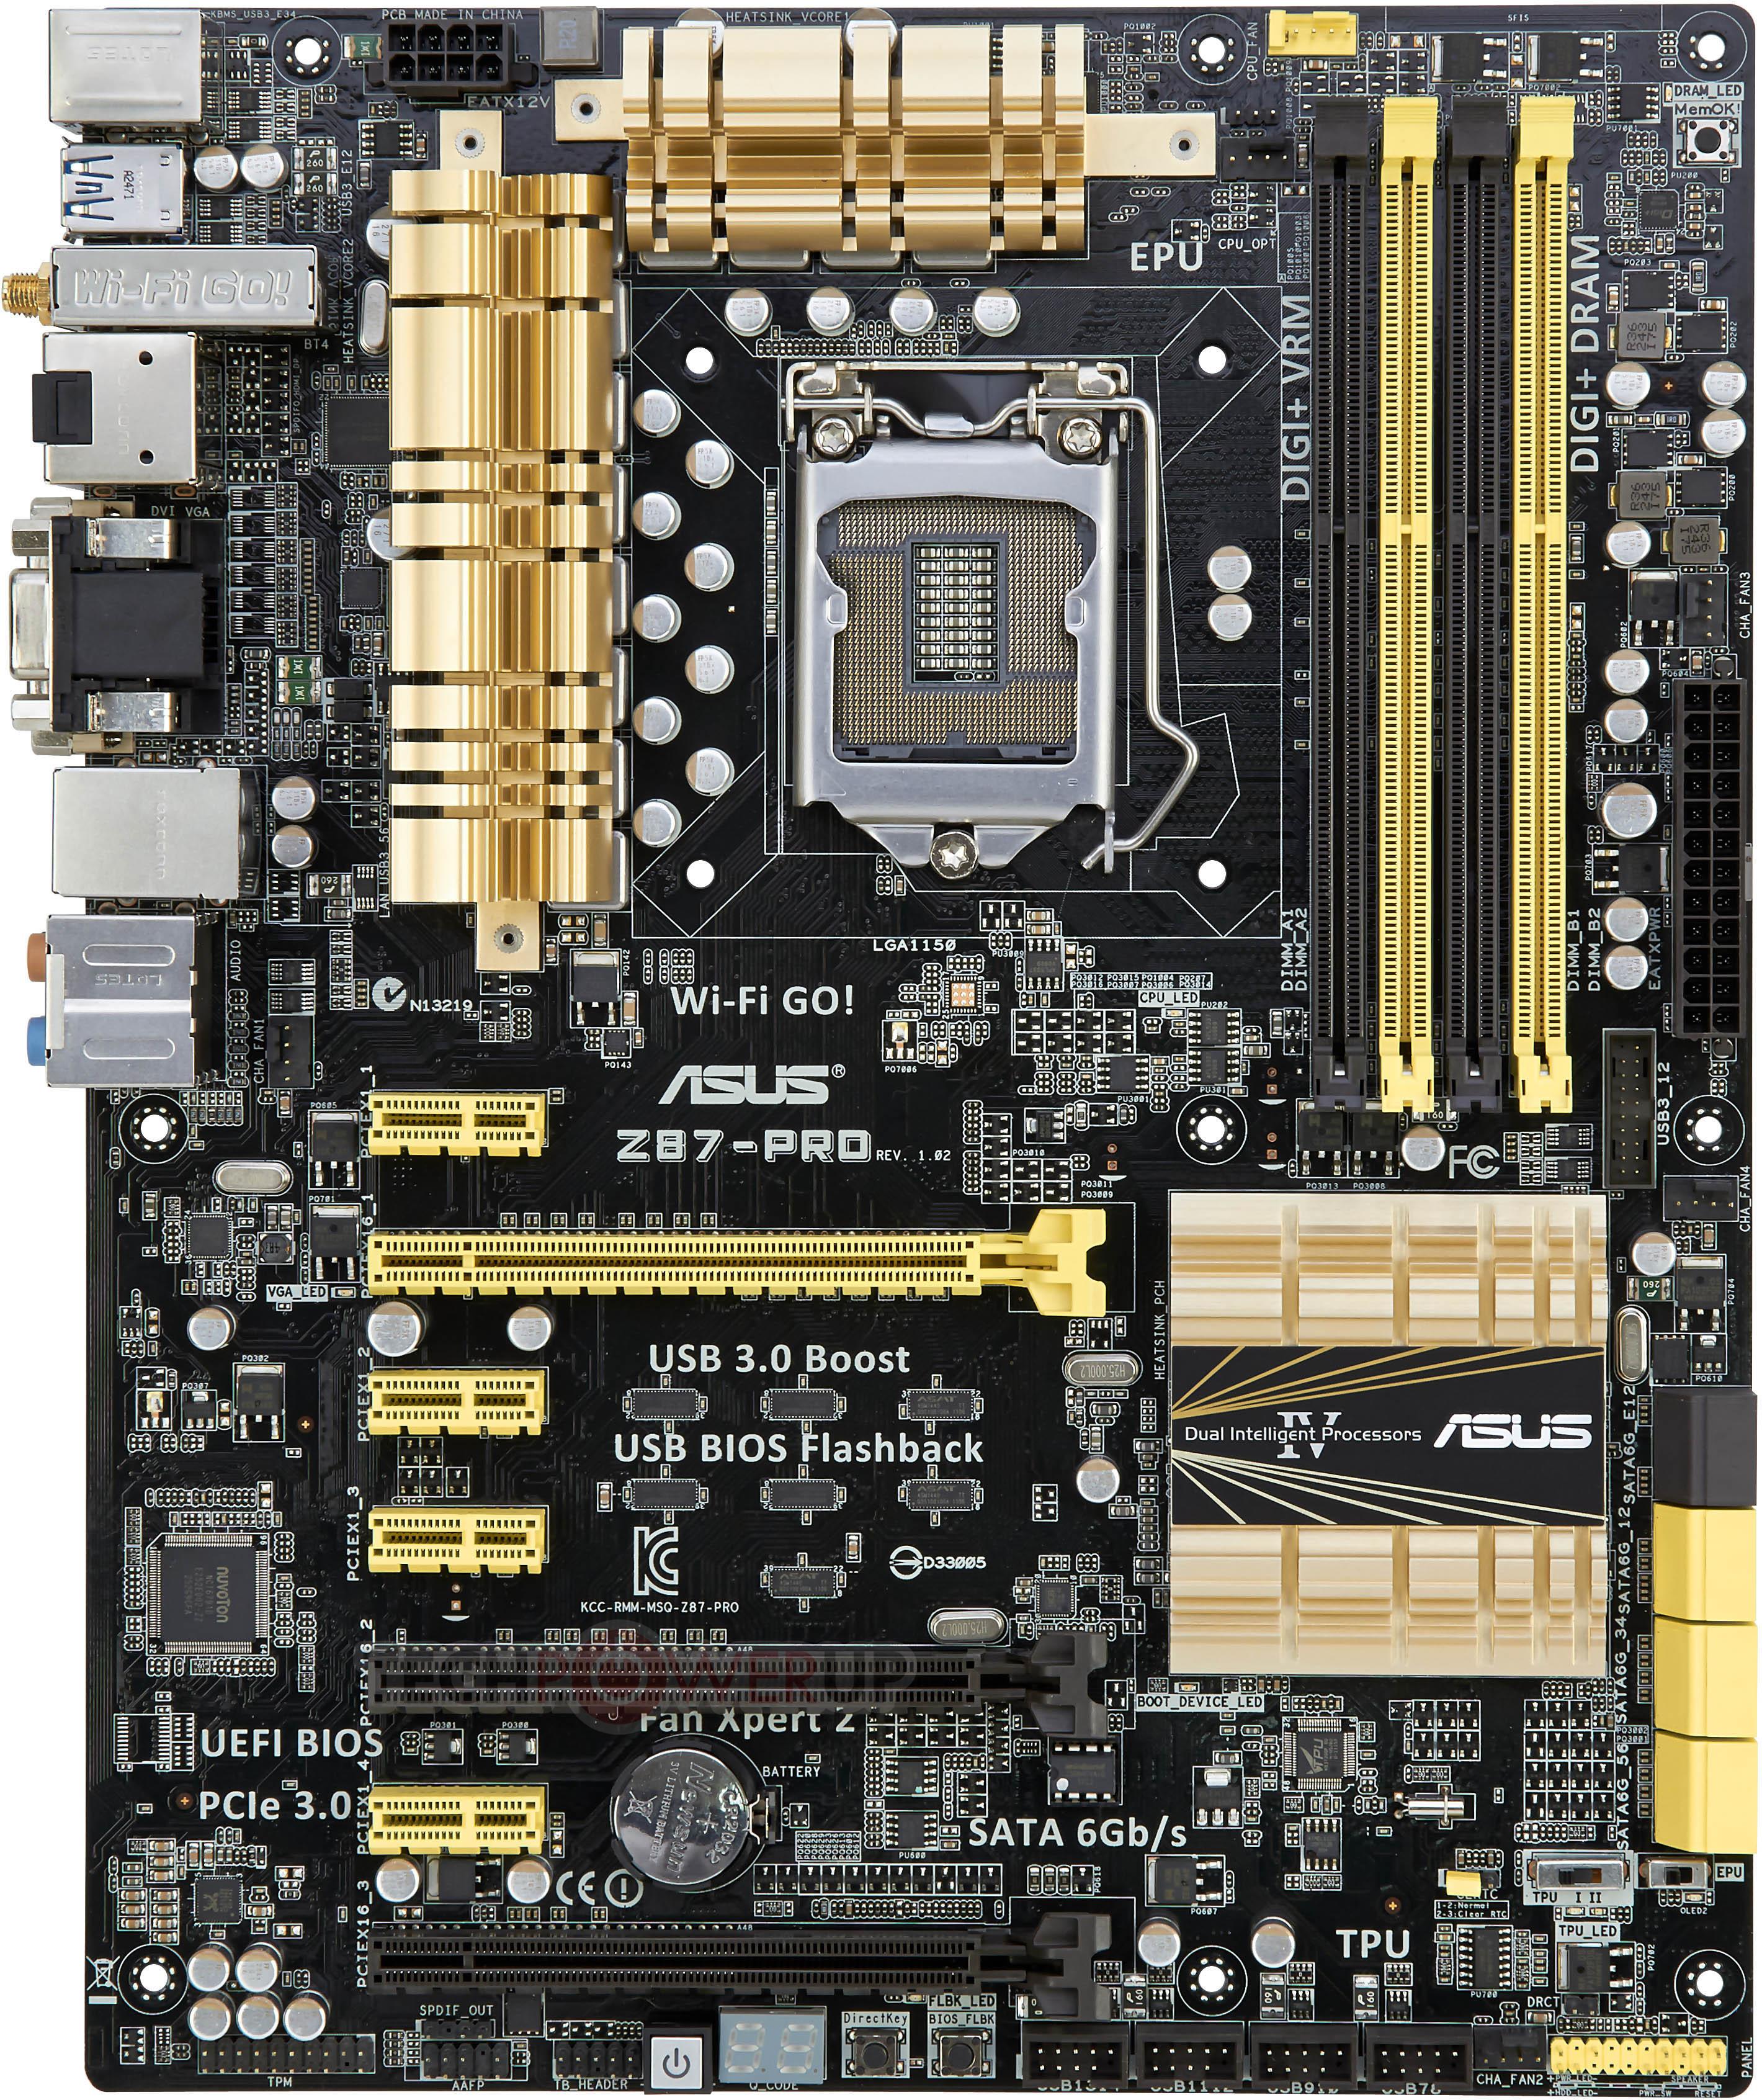 0 S Asus Intel Z87 Usb Z87 3 Atx 1150 6gb Plus Hdmi Intel Sata Motherboard Lga